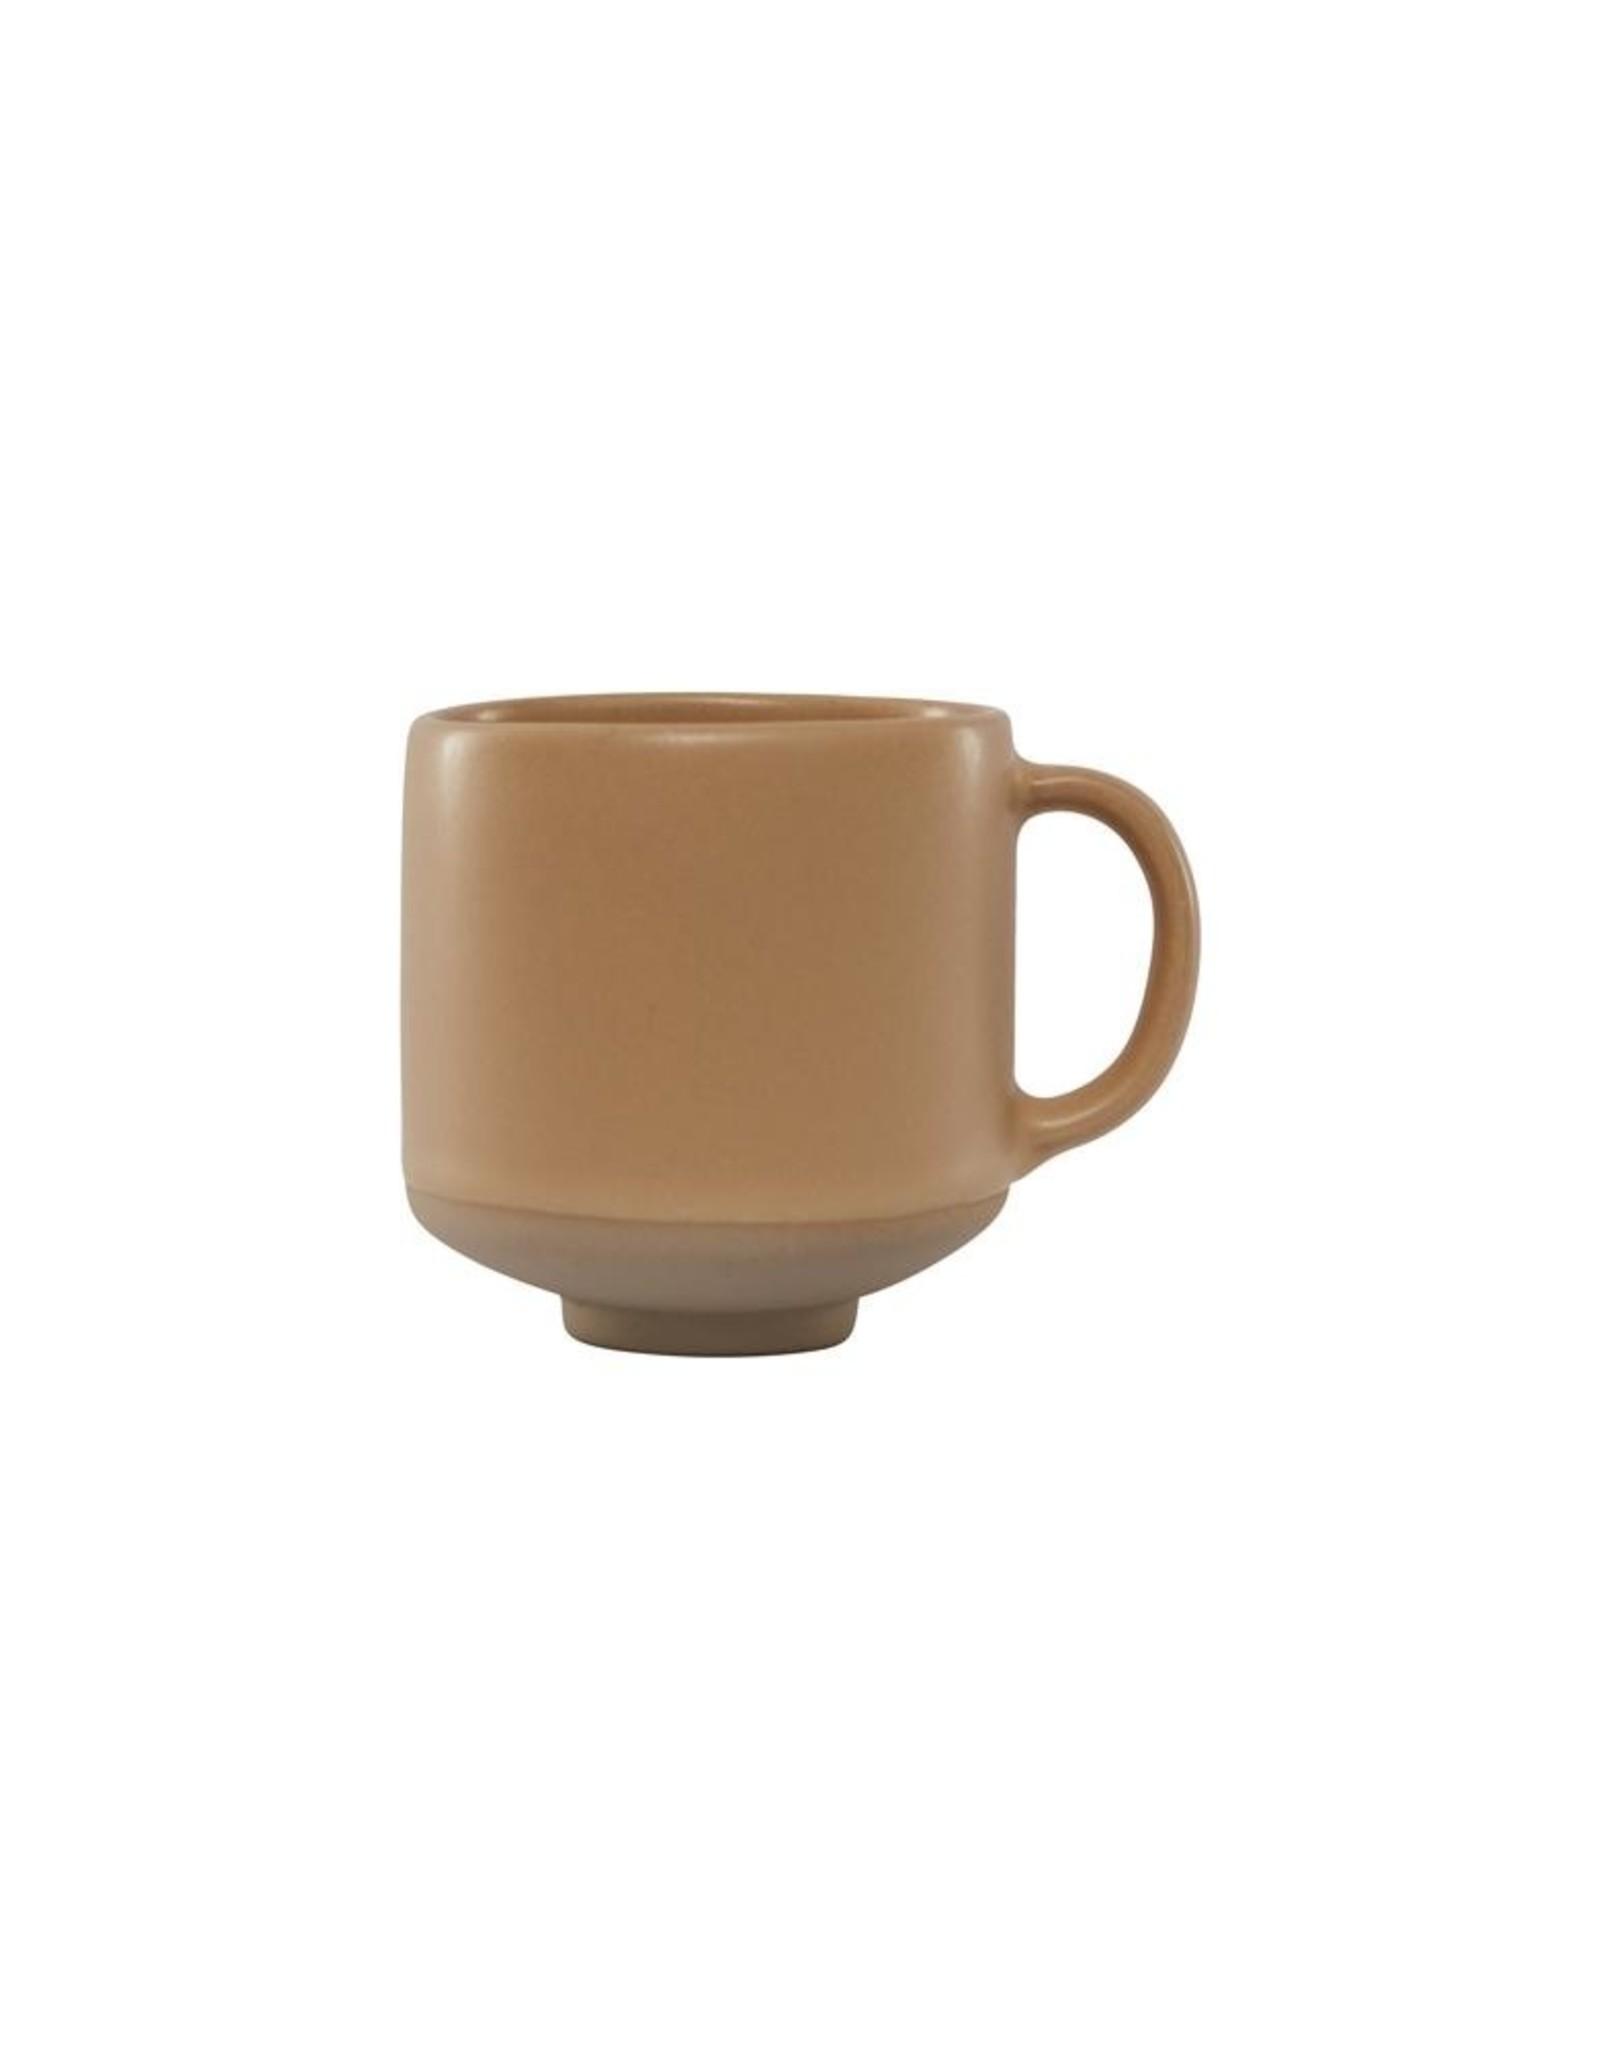 OYOY Cup 'Hagi'